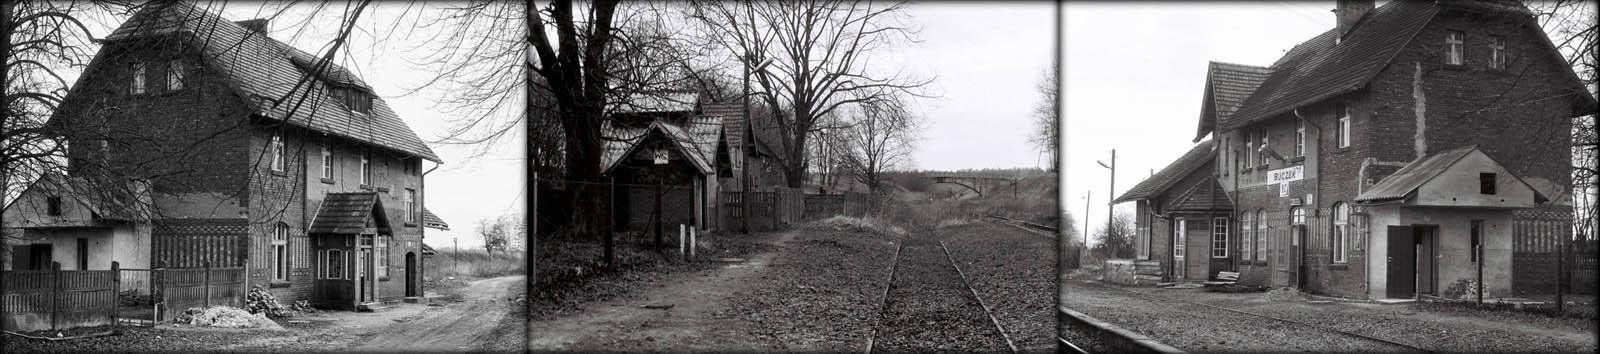 Stacja Buczek w dniu 09.01.1991 roku